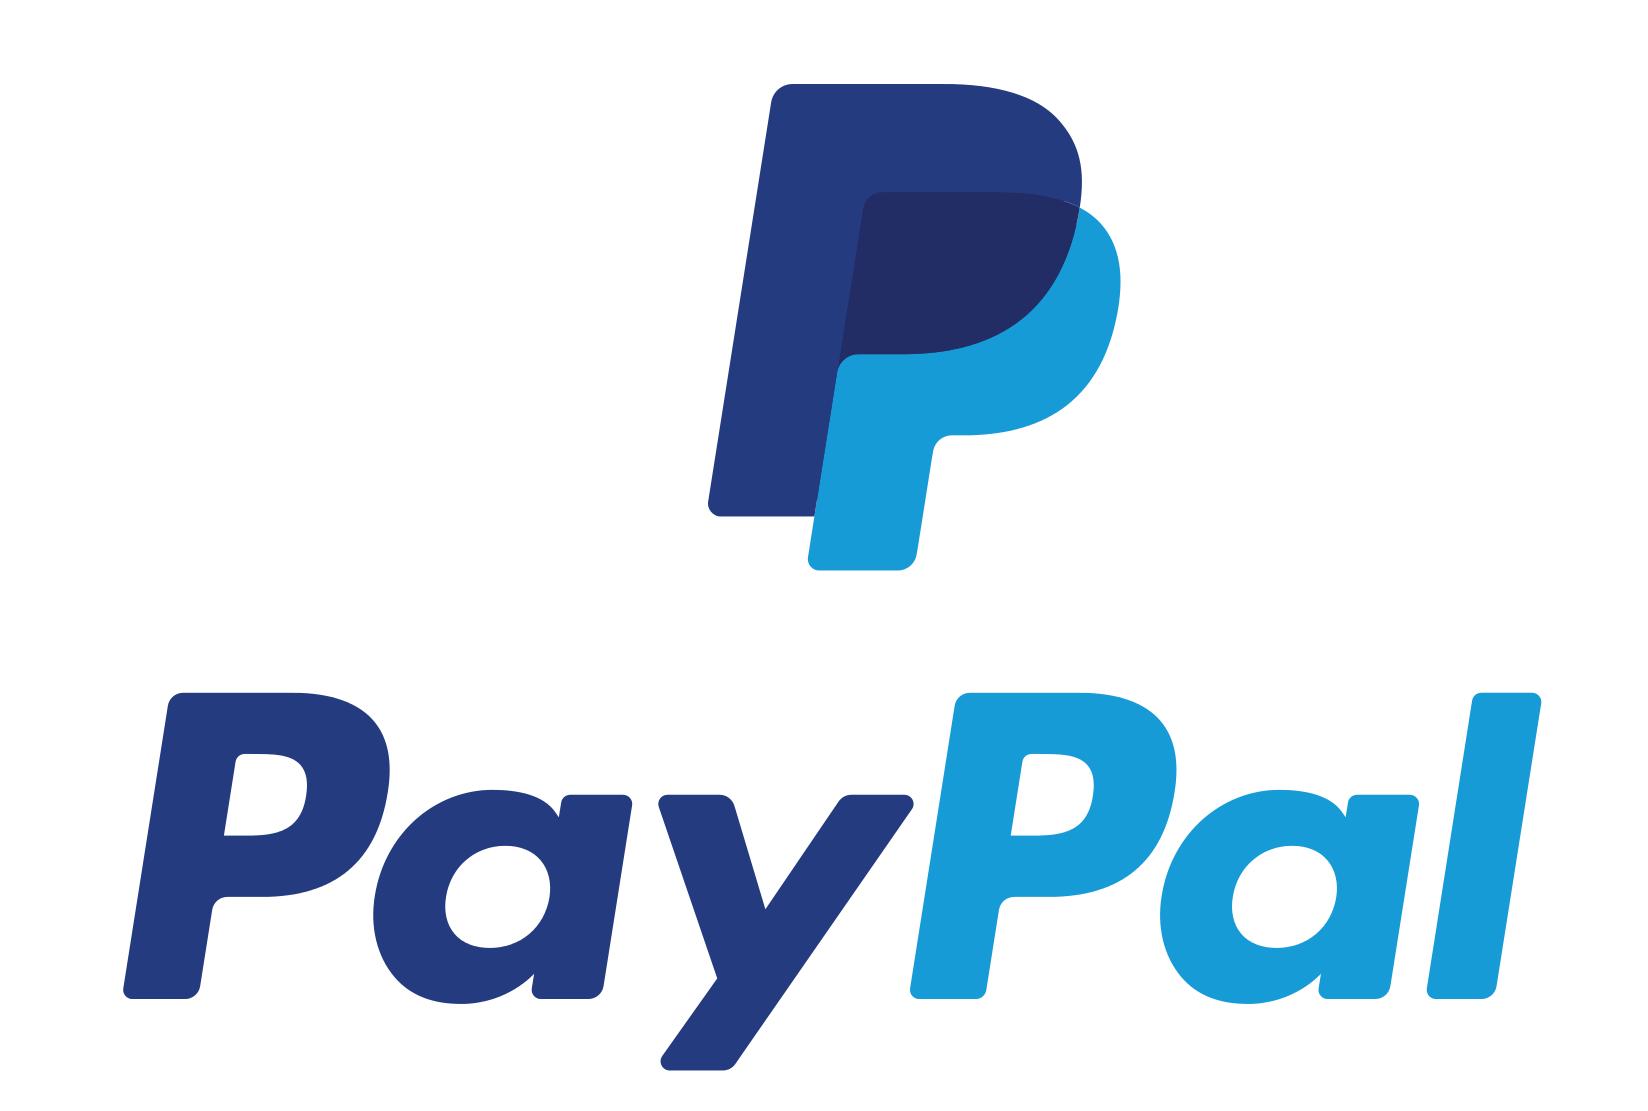 Payapl